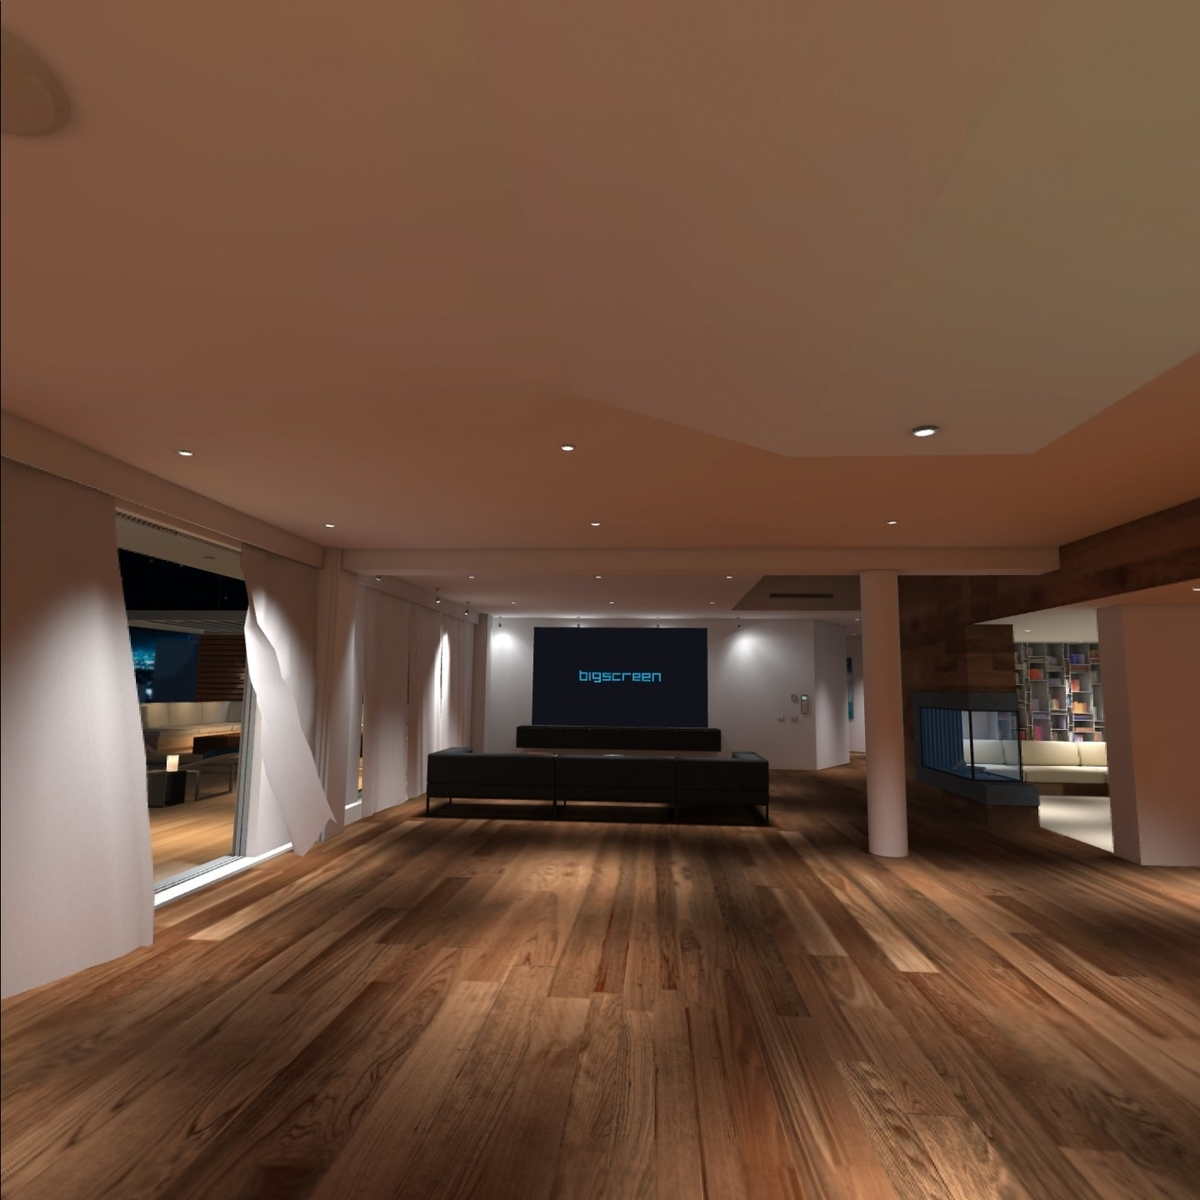 Oculus Questのアプリ「Bigscreen」の様子3